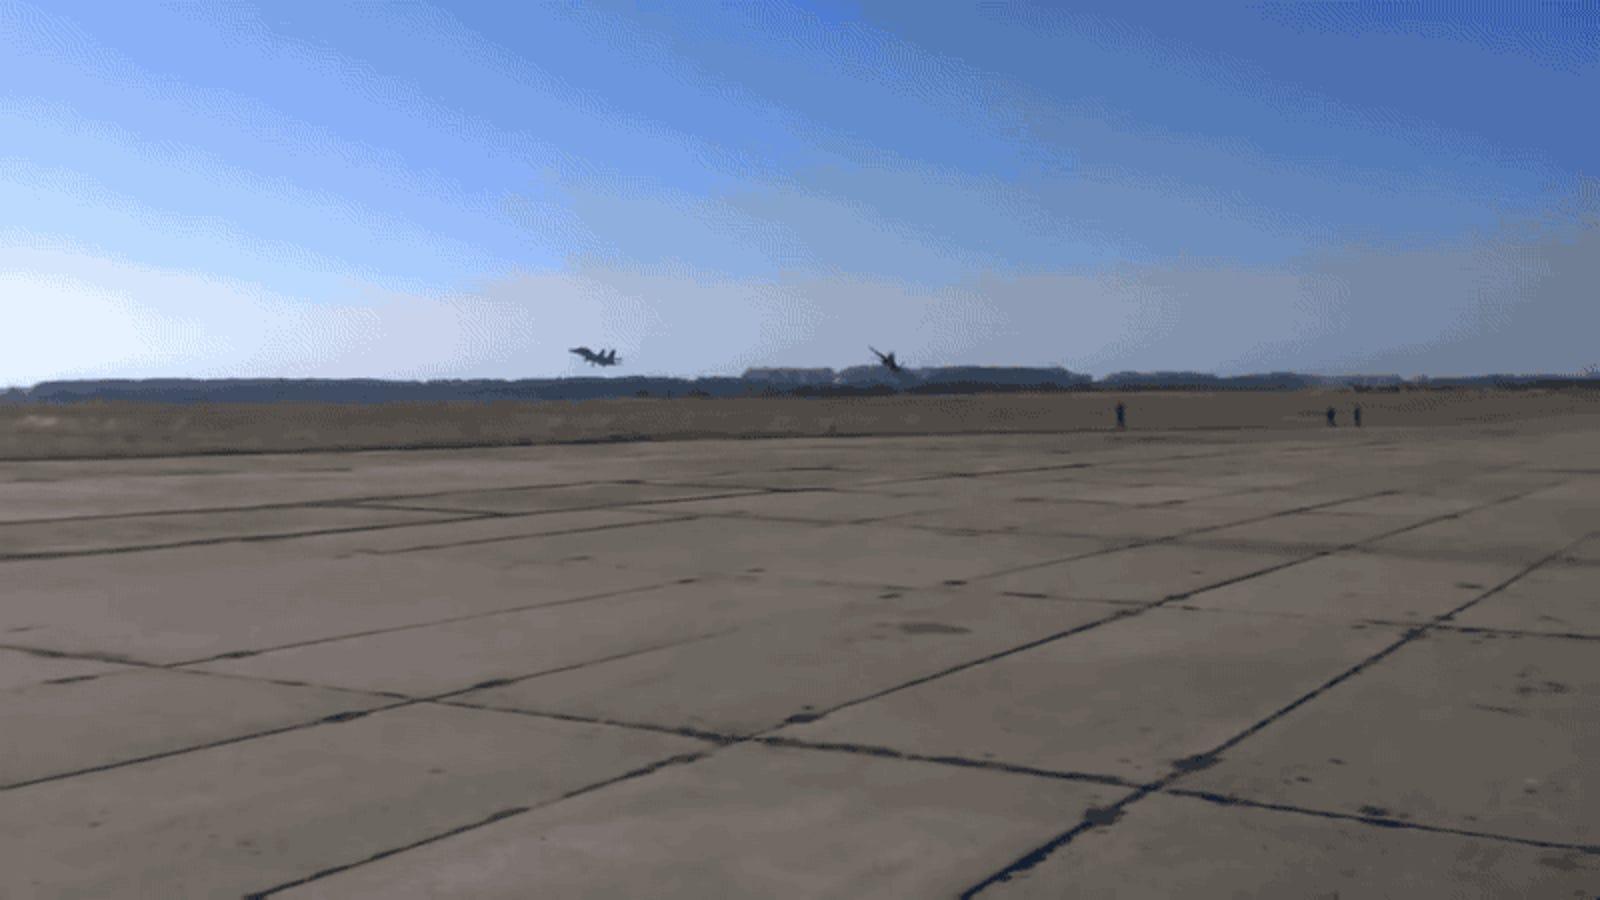 Este avión de combate vuela tan a ras del suelo que por poco consigue tumbar a una persona